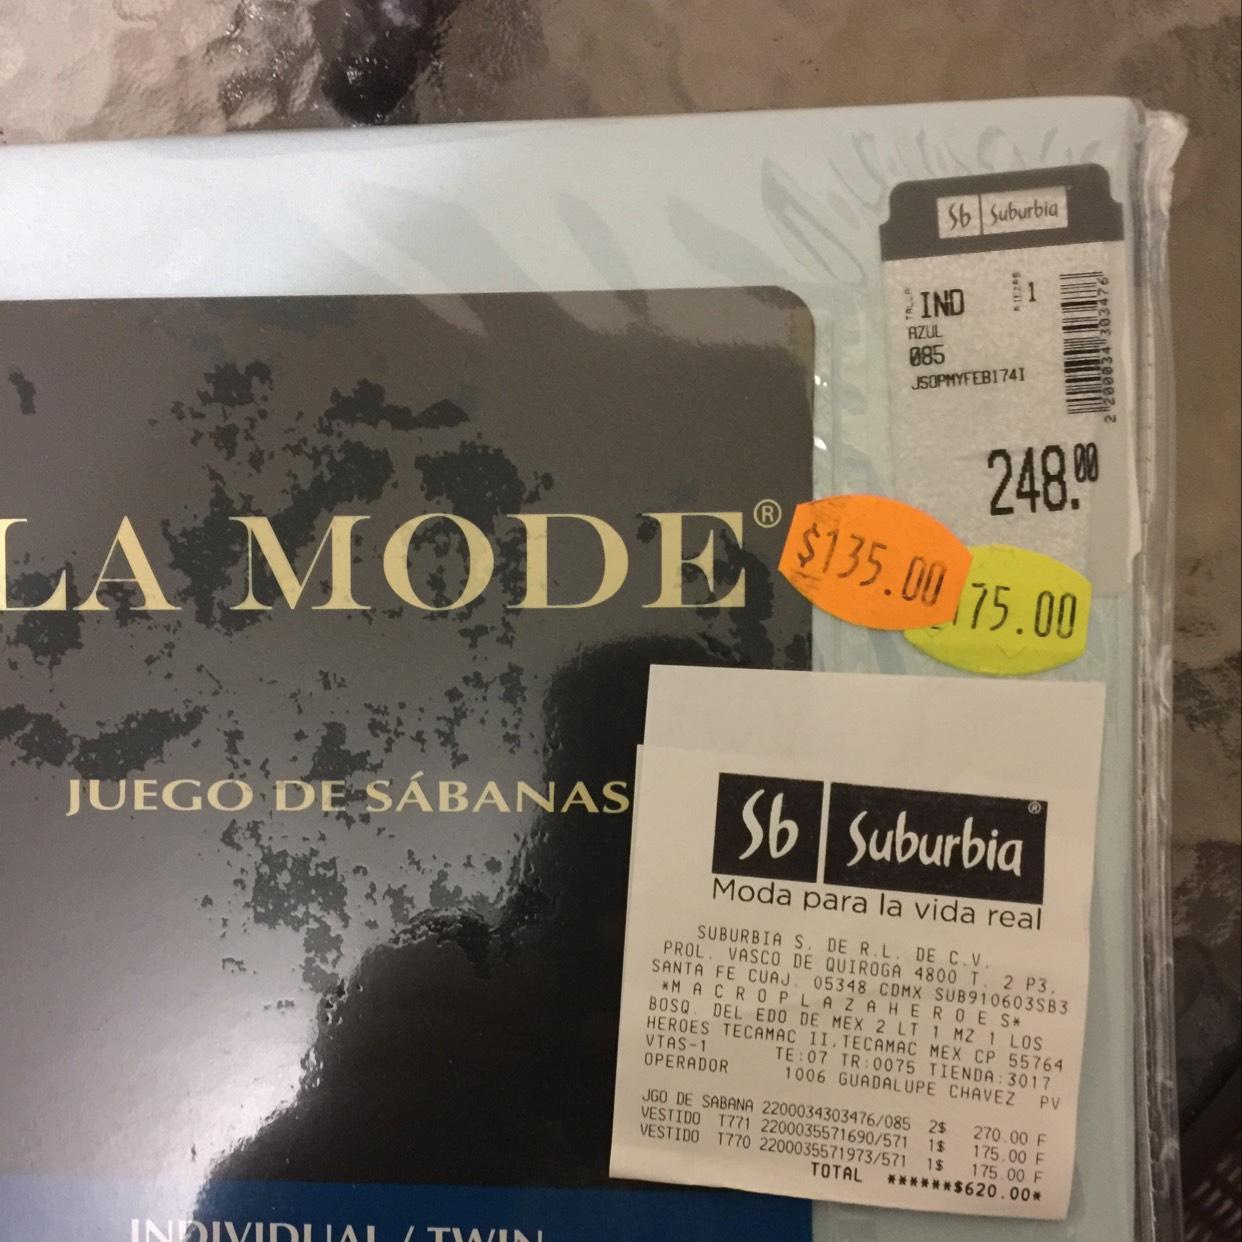 Suburbia: juego de sabanas individuales  de $248 a $135